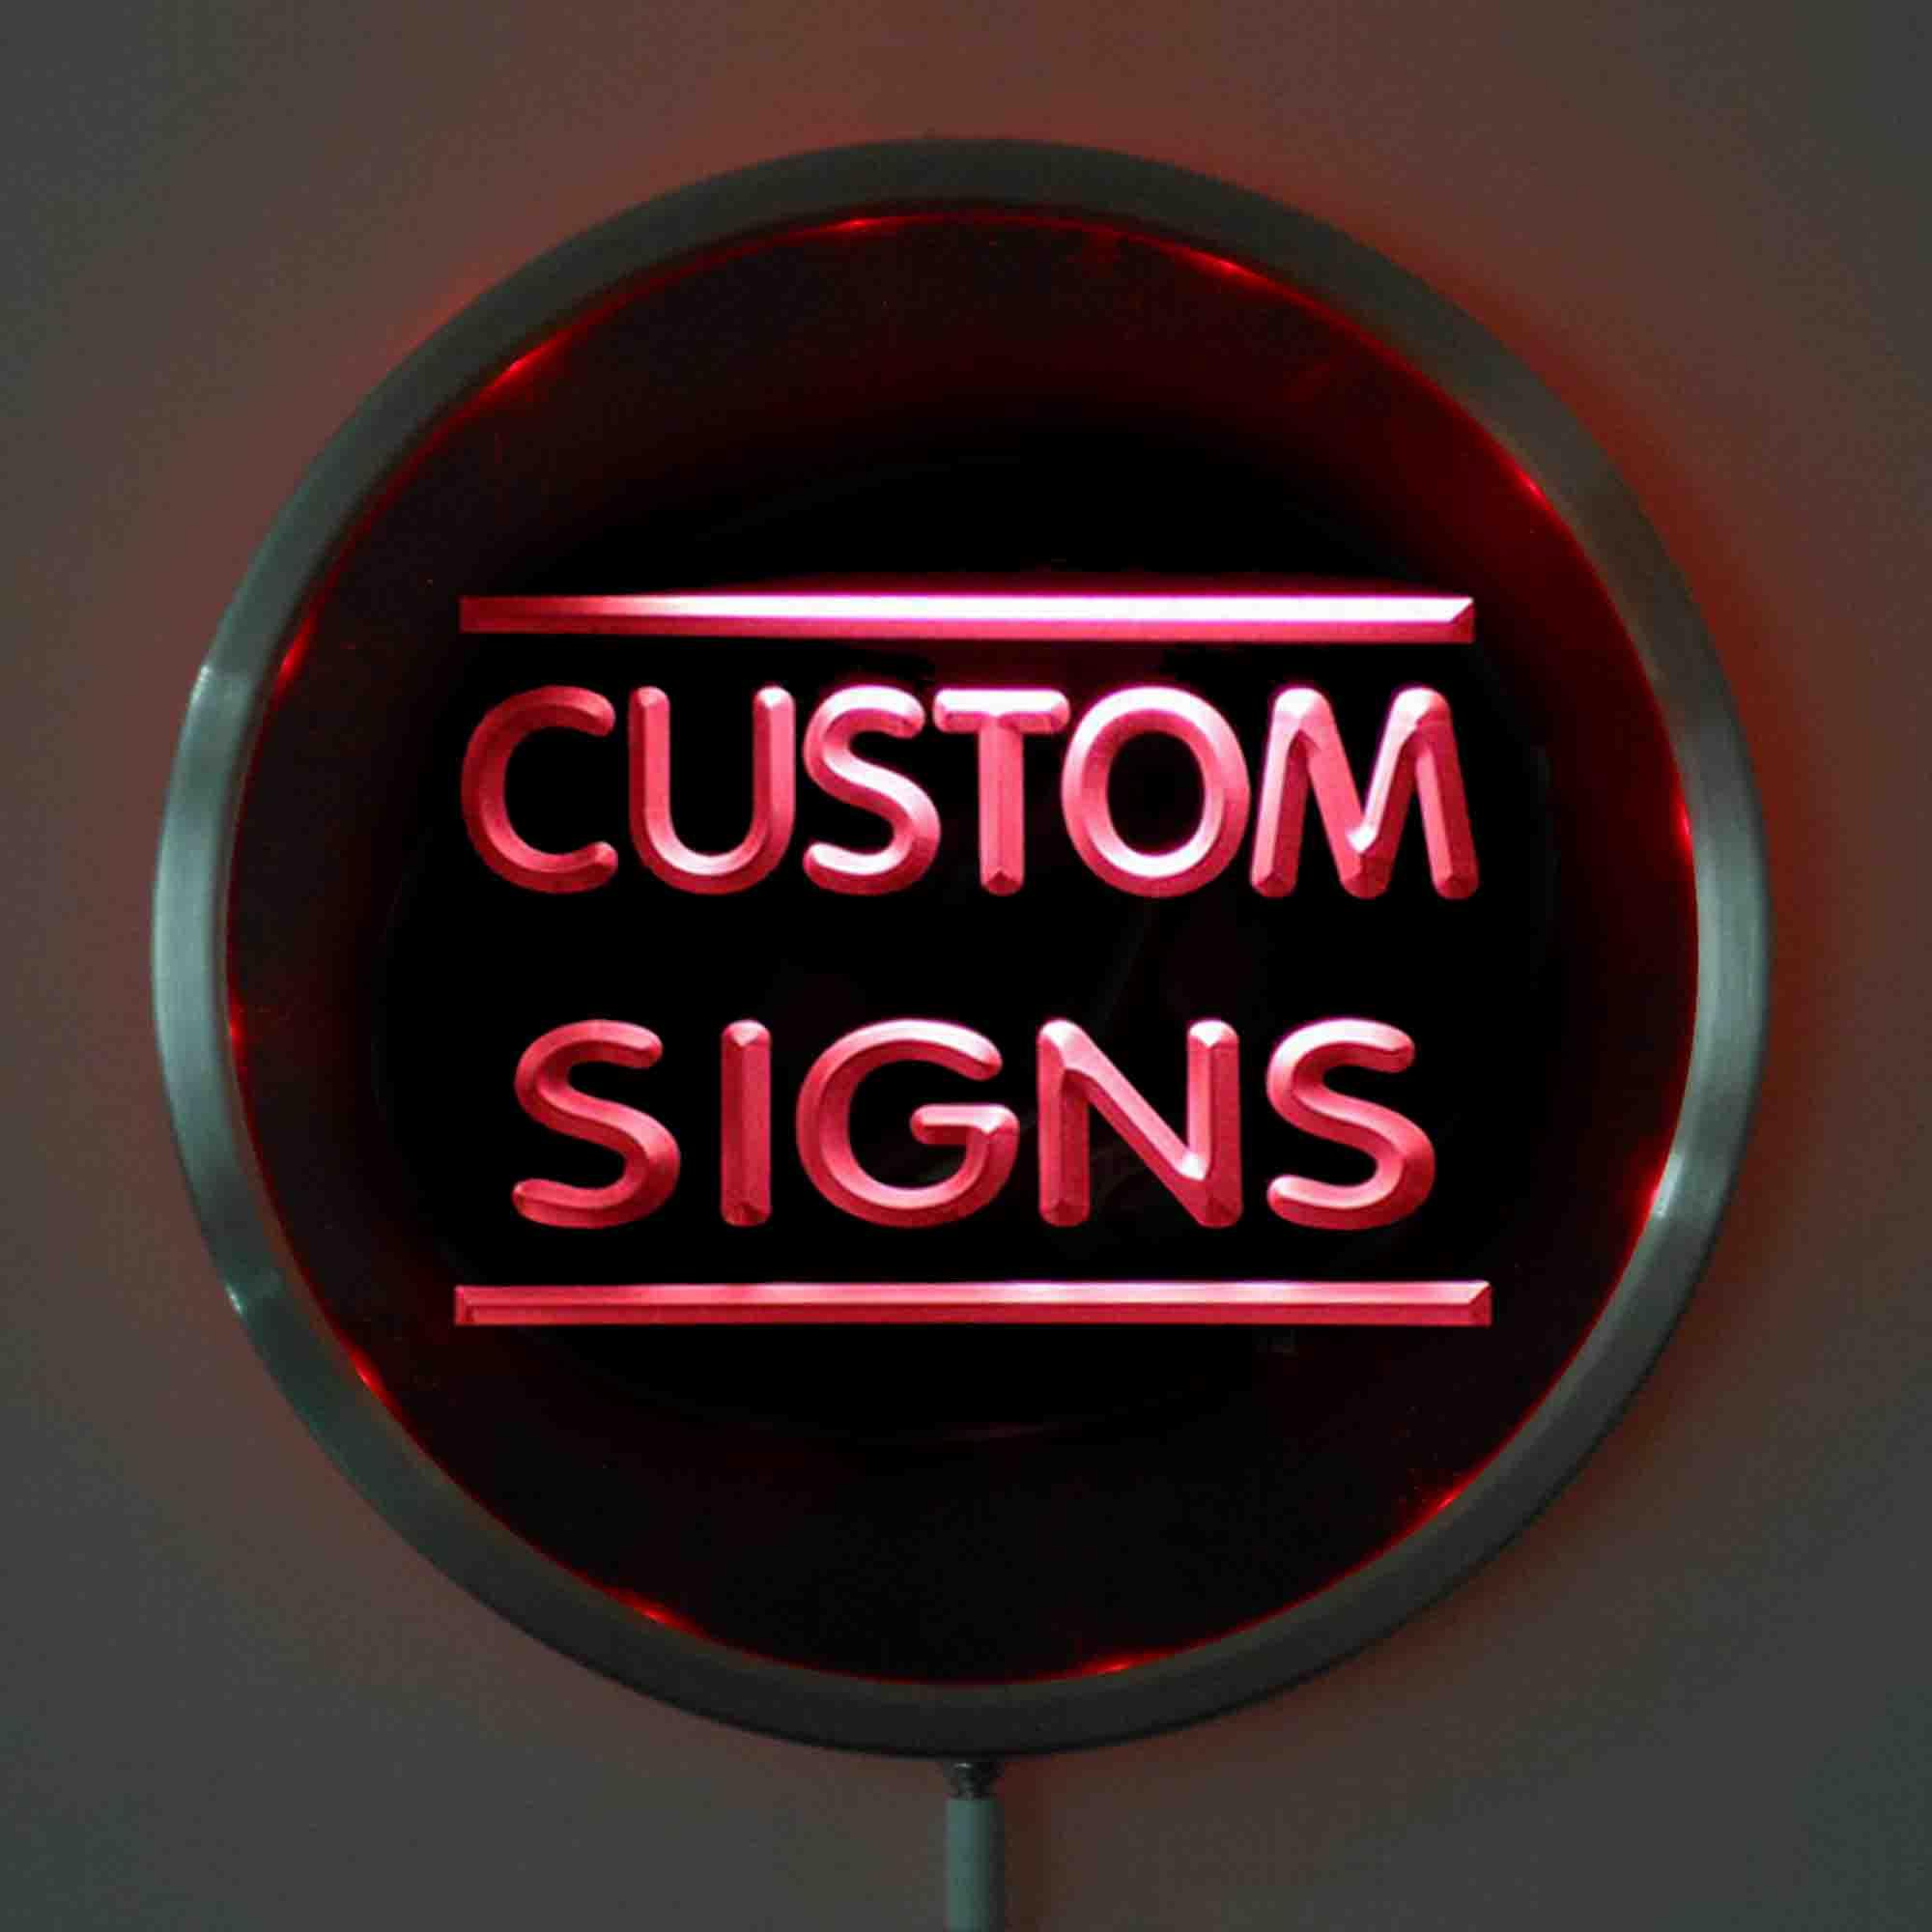 Светодиодные неоновые вывески 25 см/10 дюймов, круглые светодиодные вывески разных цветов с пультом дистанционного управления